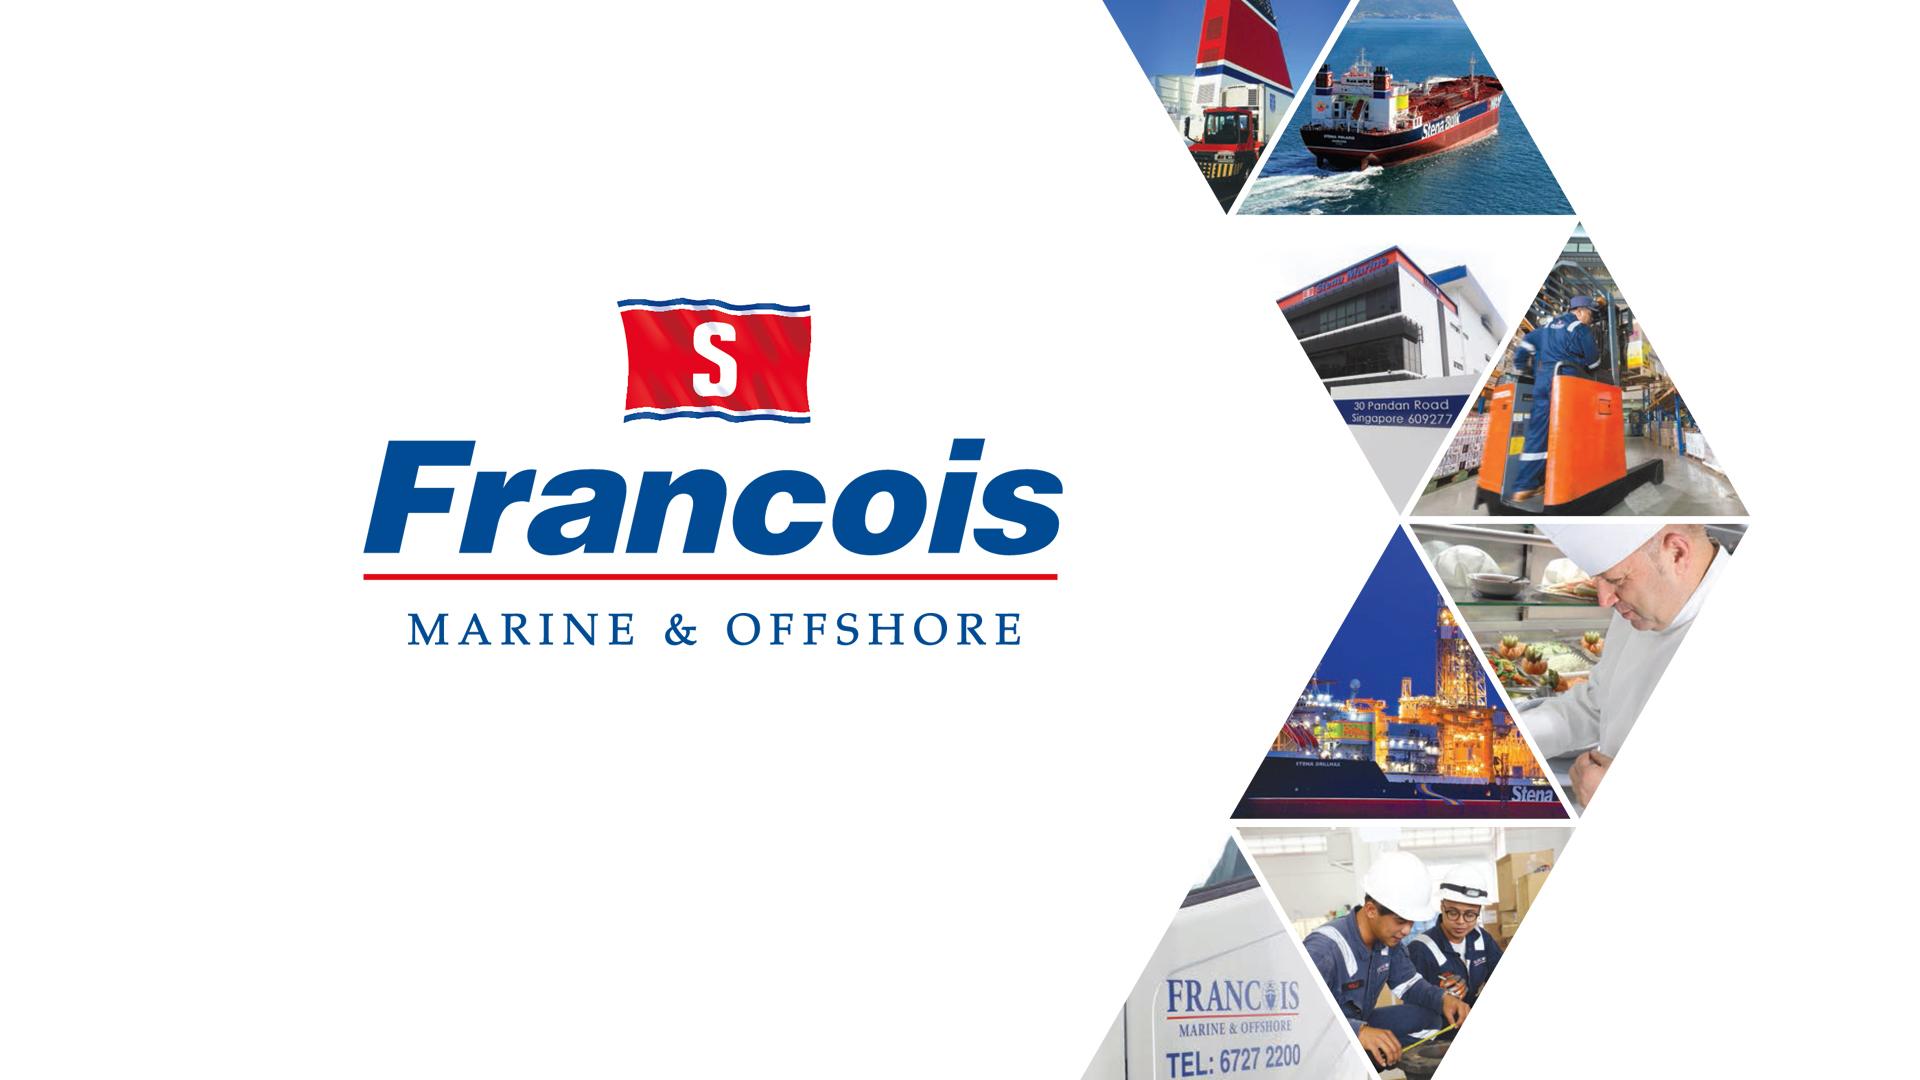 Francois Marine Services Pte